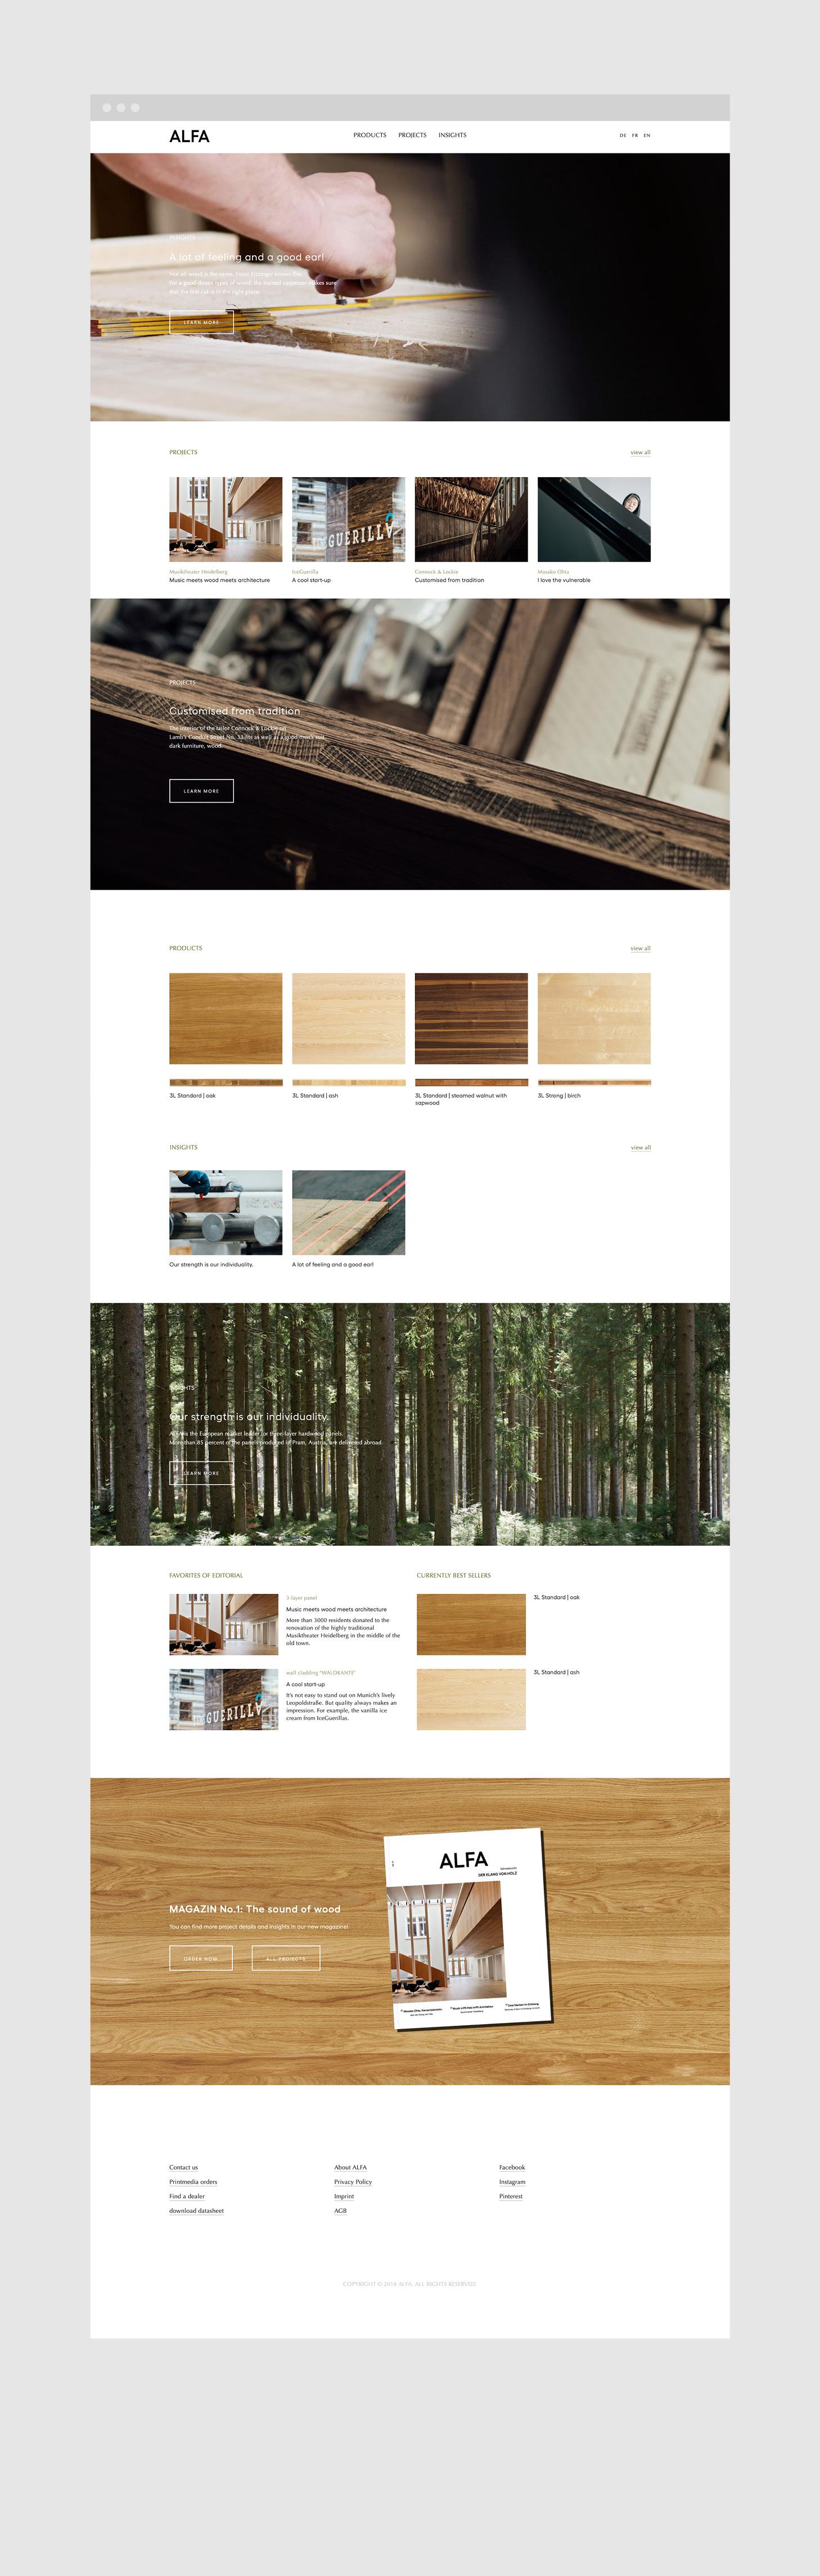 ALFA_webdesign I